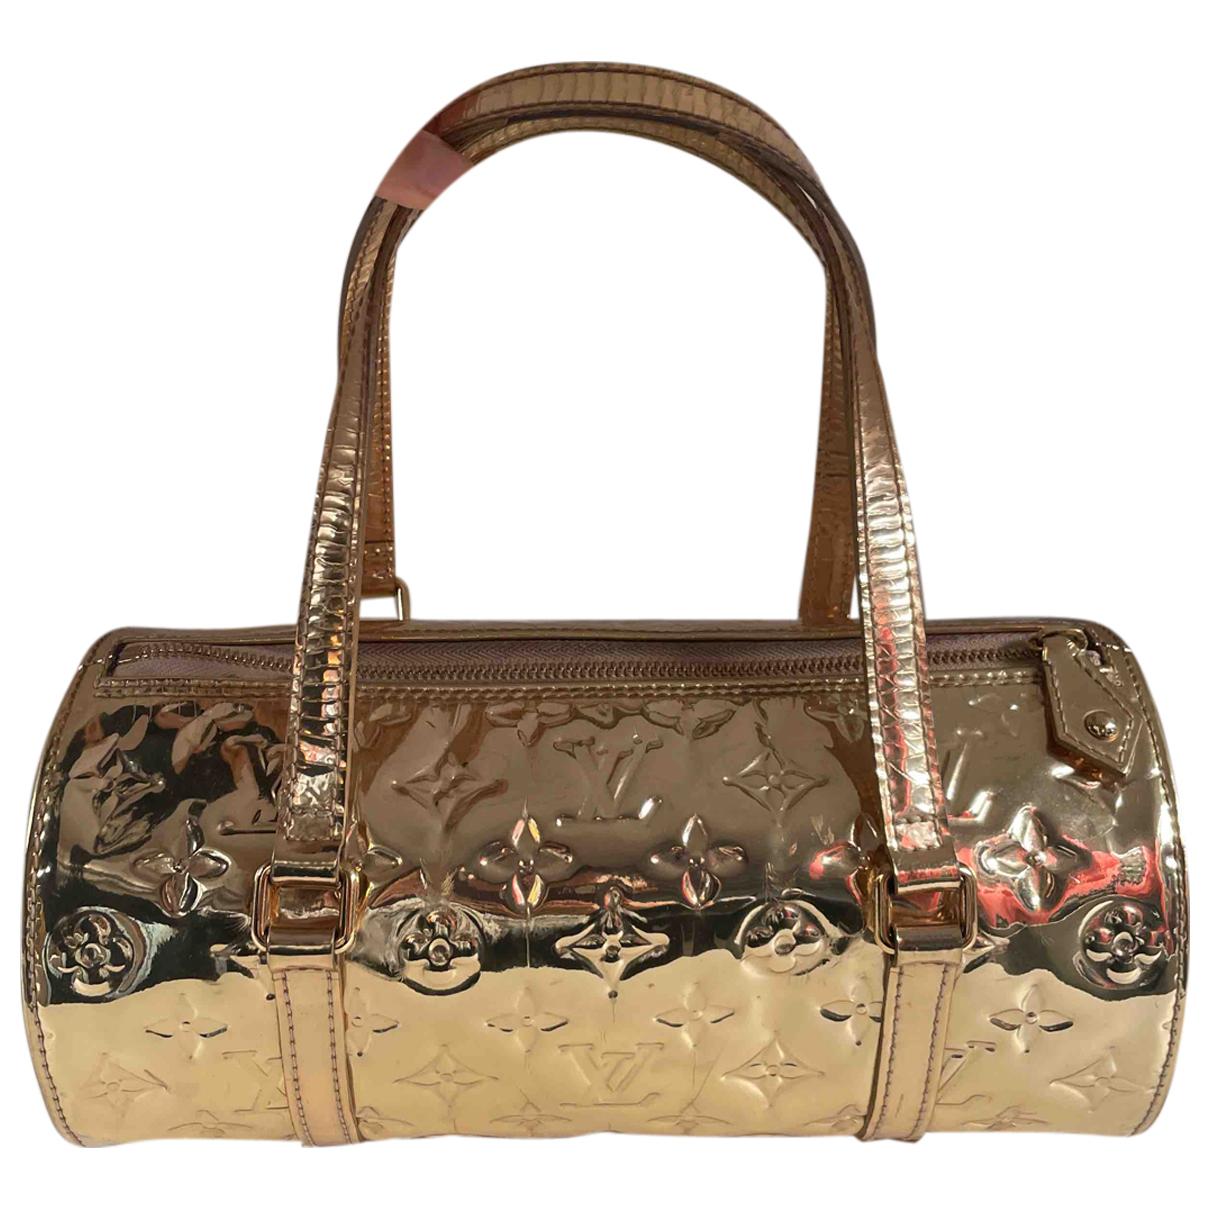 Louis Vuitton - Sac a main Papillon pour femme en cuir verni - dore